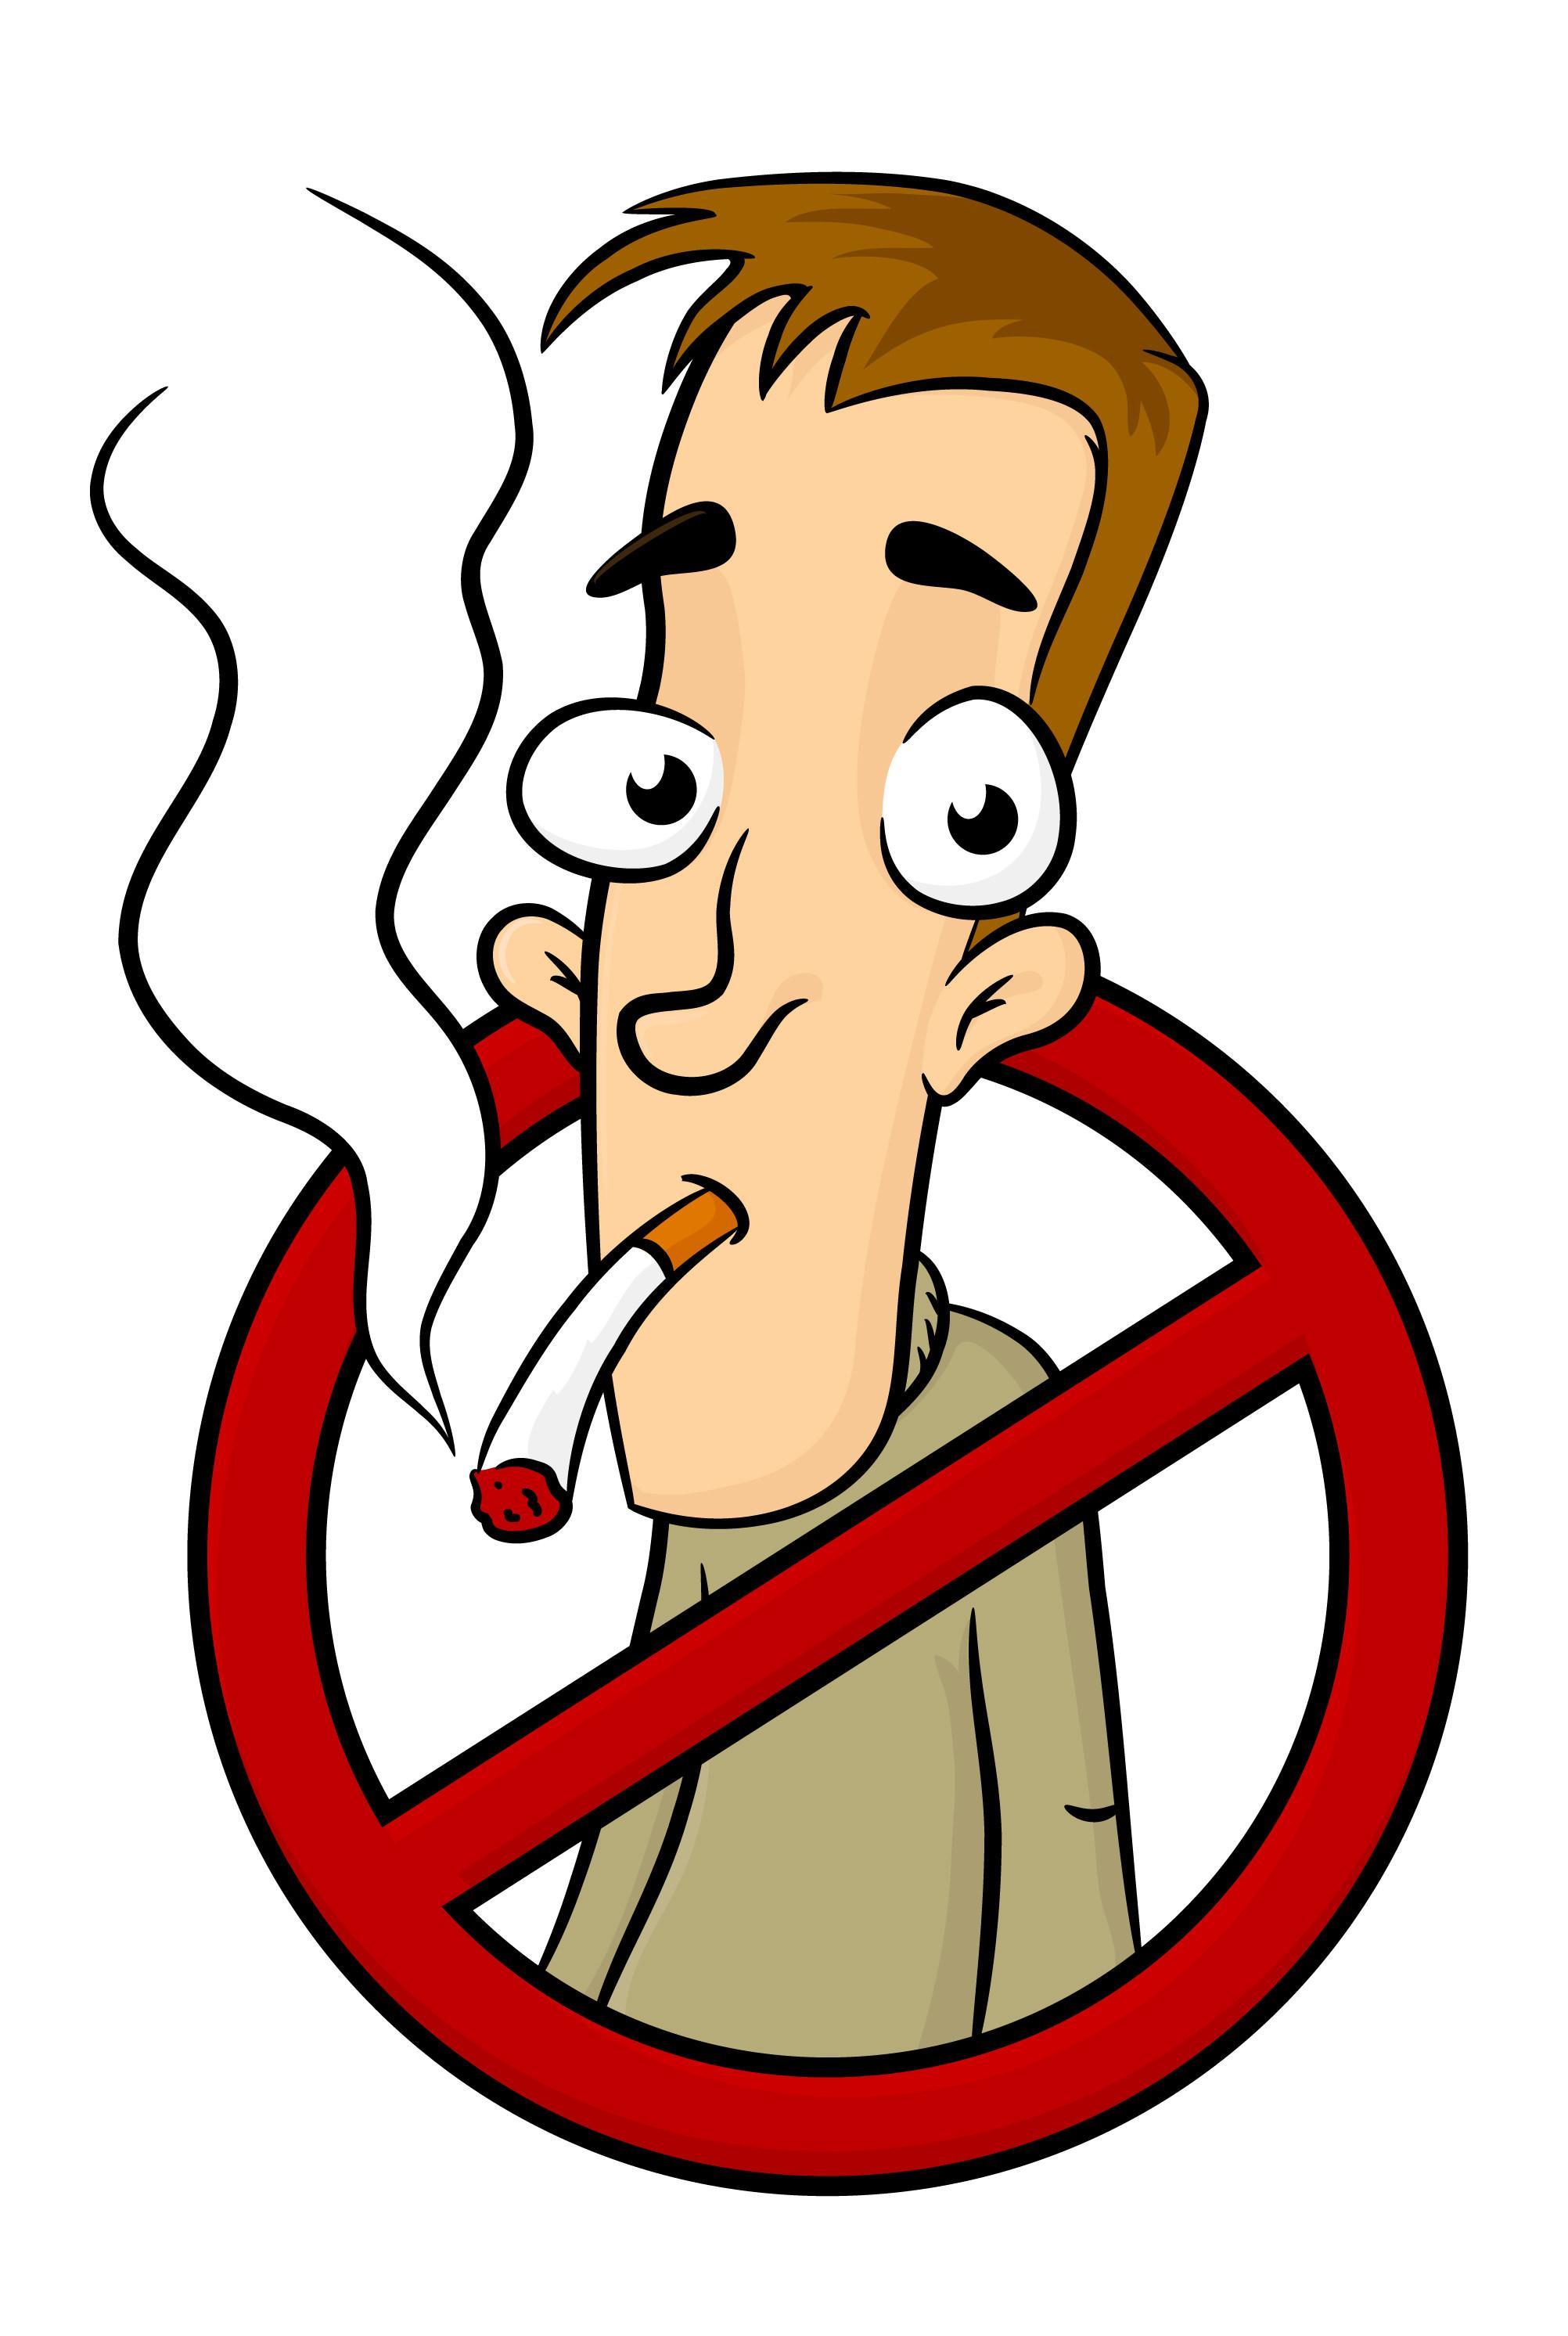 О негативных последствиях употребления табачных изделий